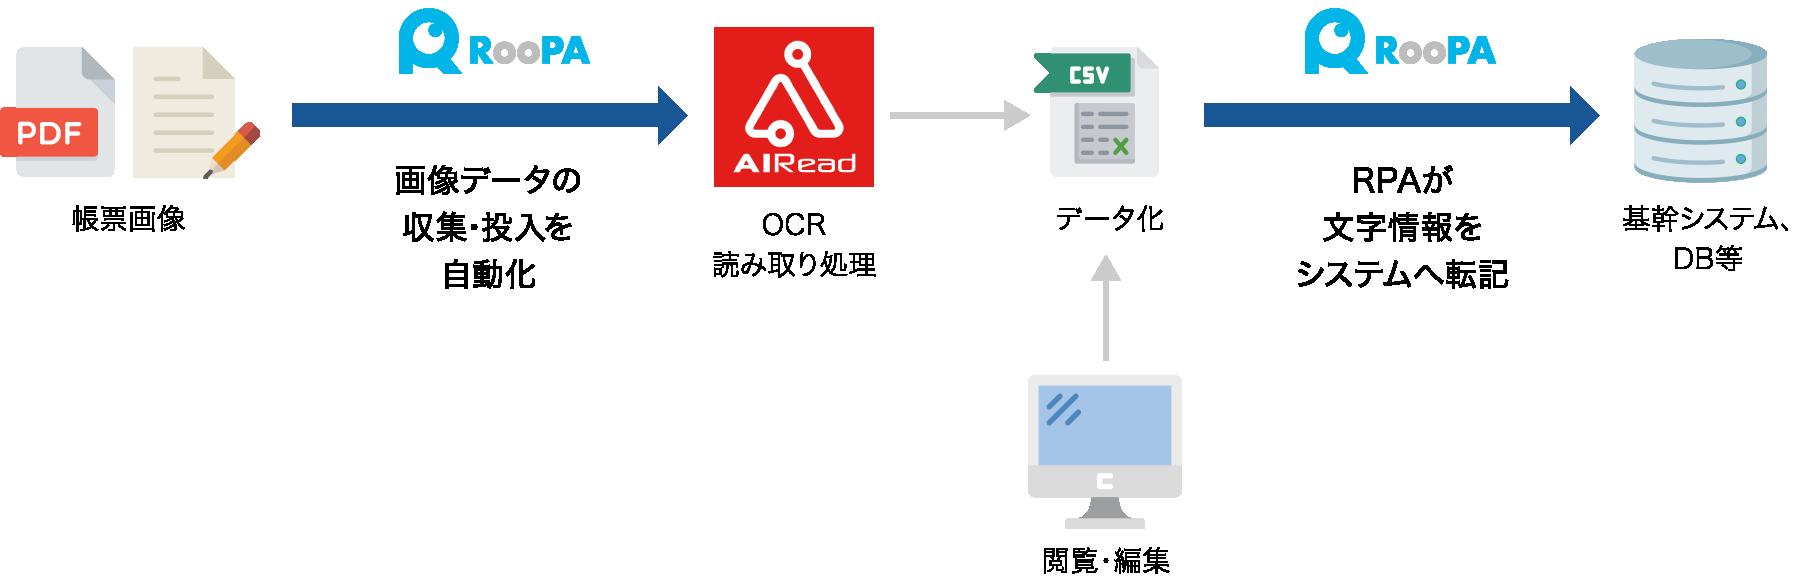 画像データの収集・投入を自動化 基幹システム、DB等への投入を自動化